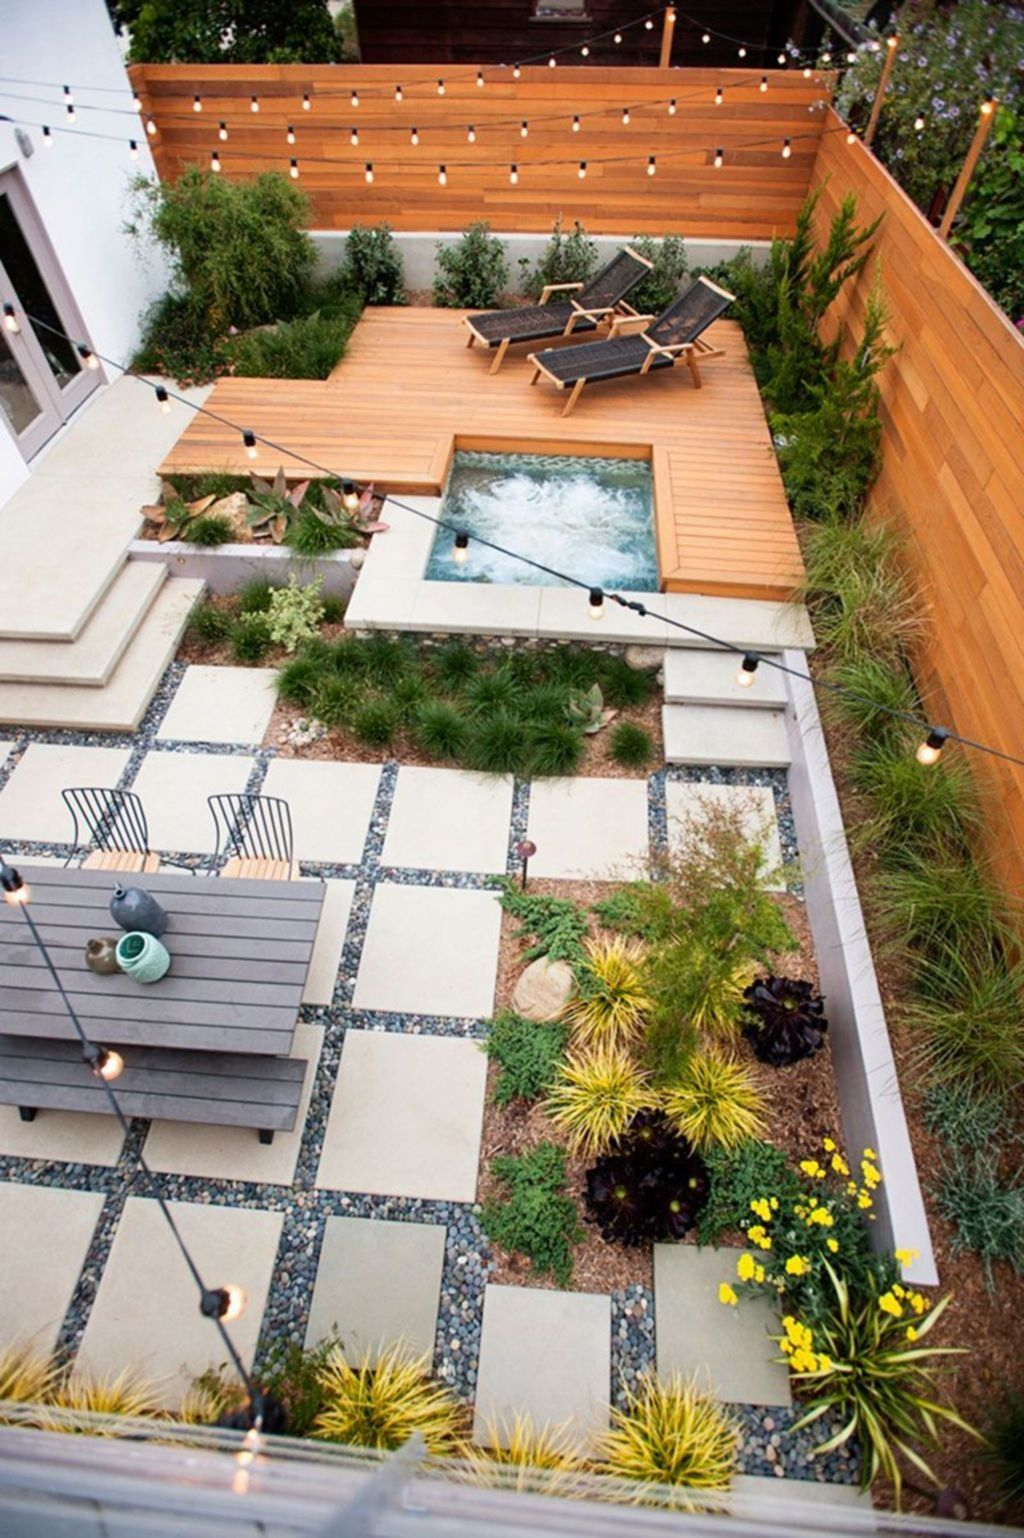 Decoration Jardin By Claudine Lamarre In 2020 | Backyard ... dedans Modele De Jardin Avec Galets